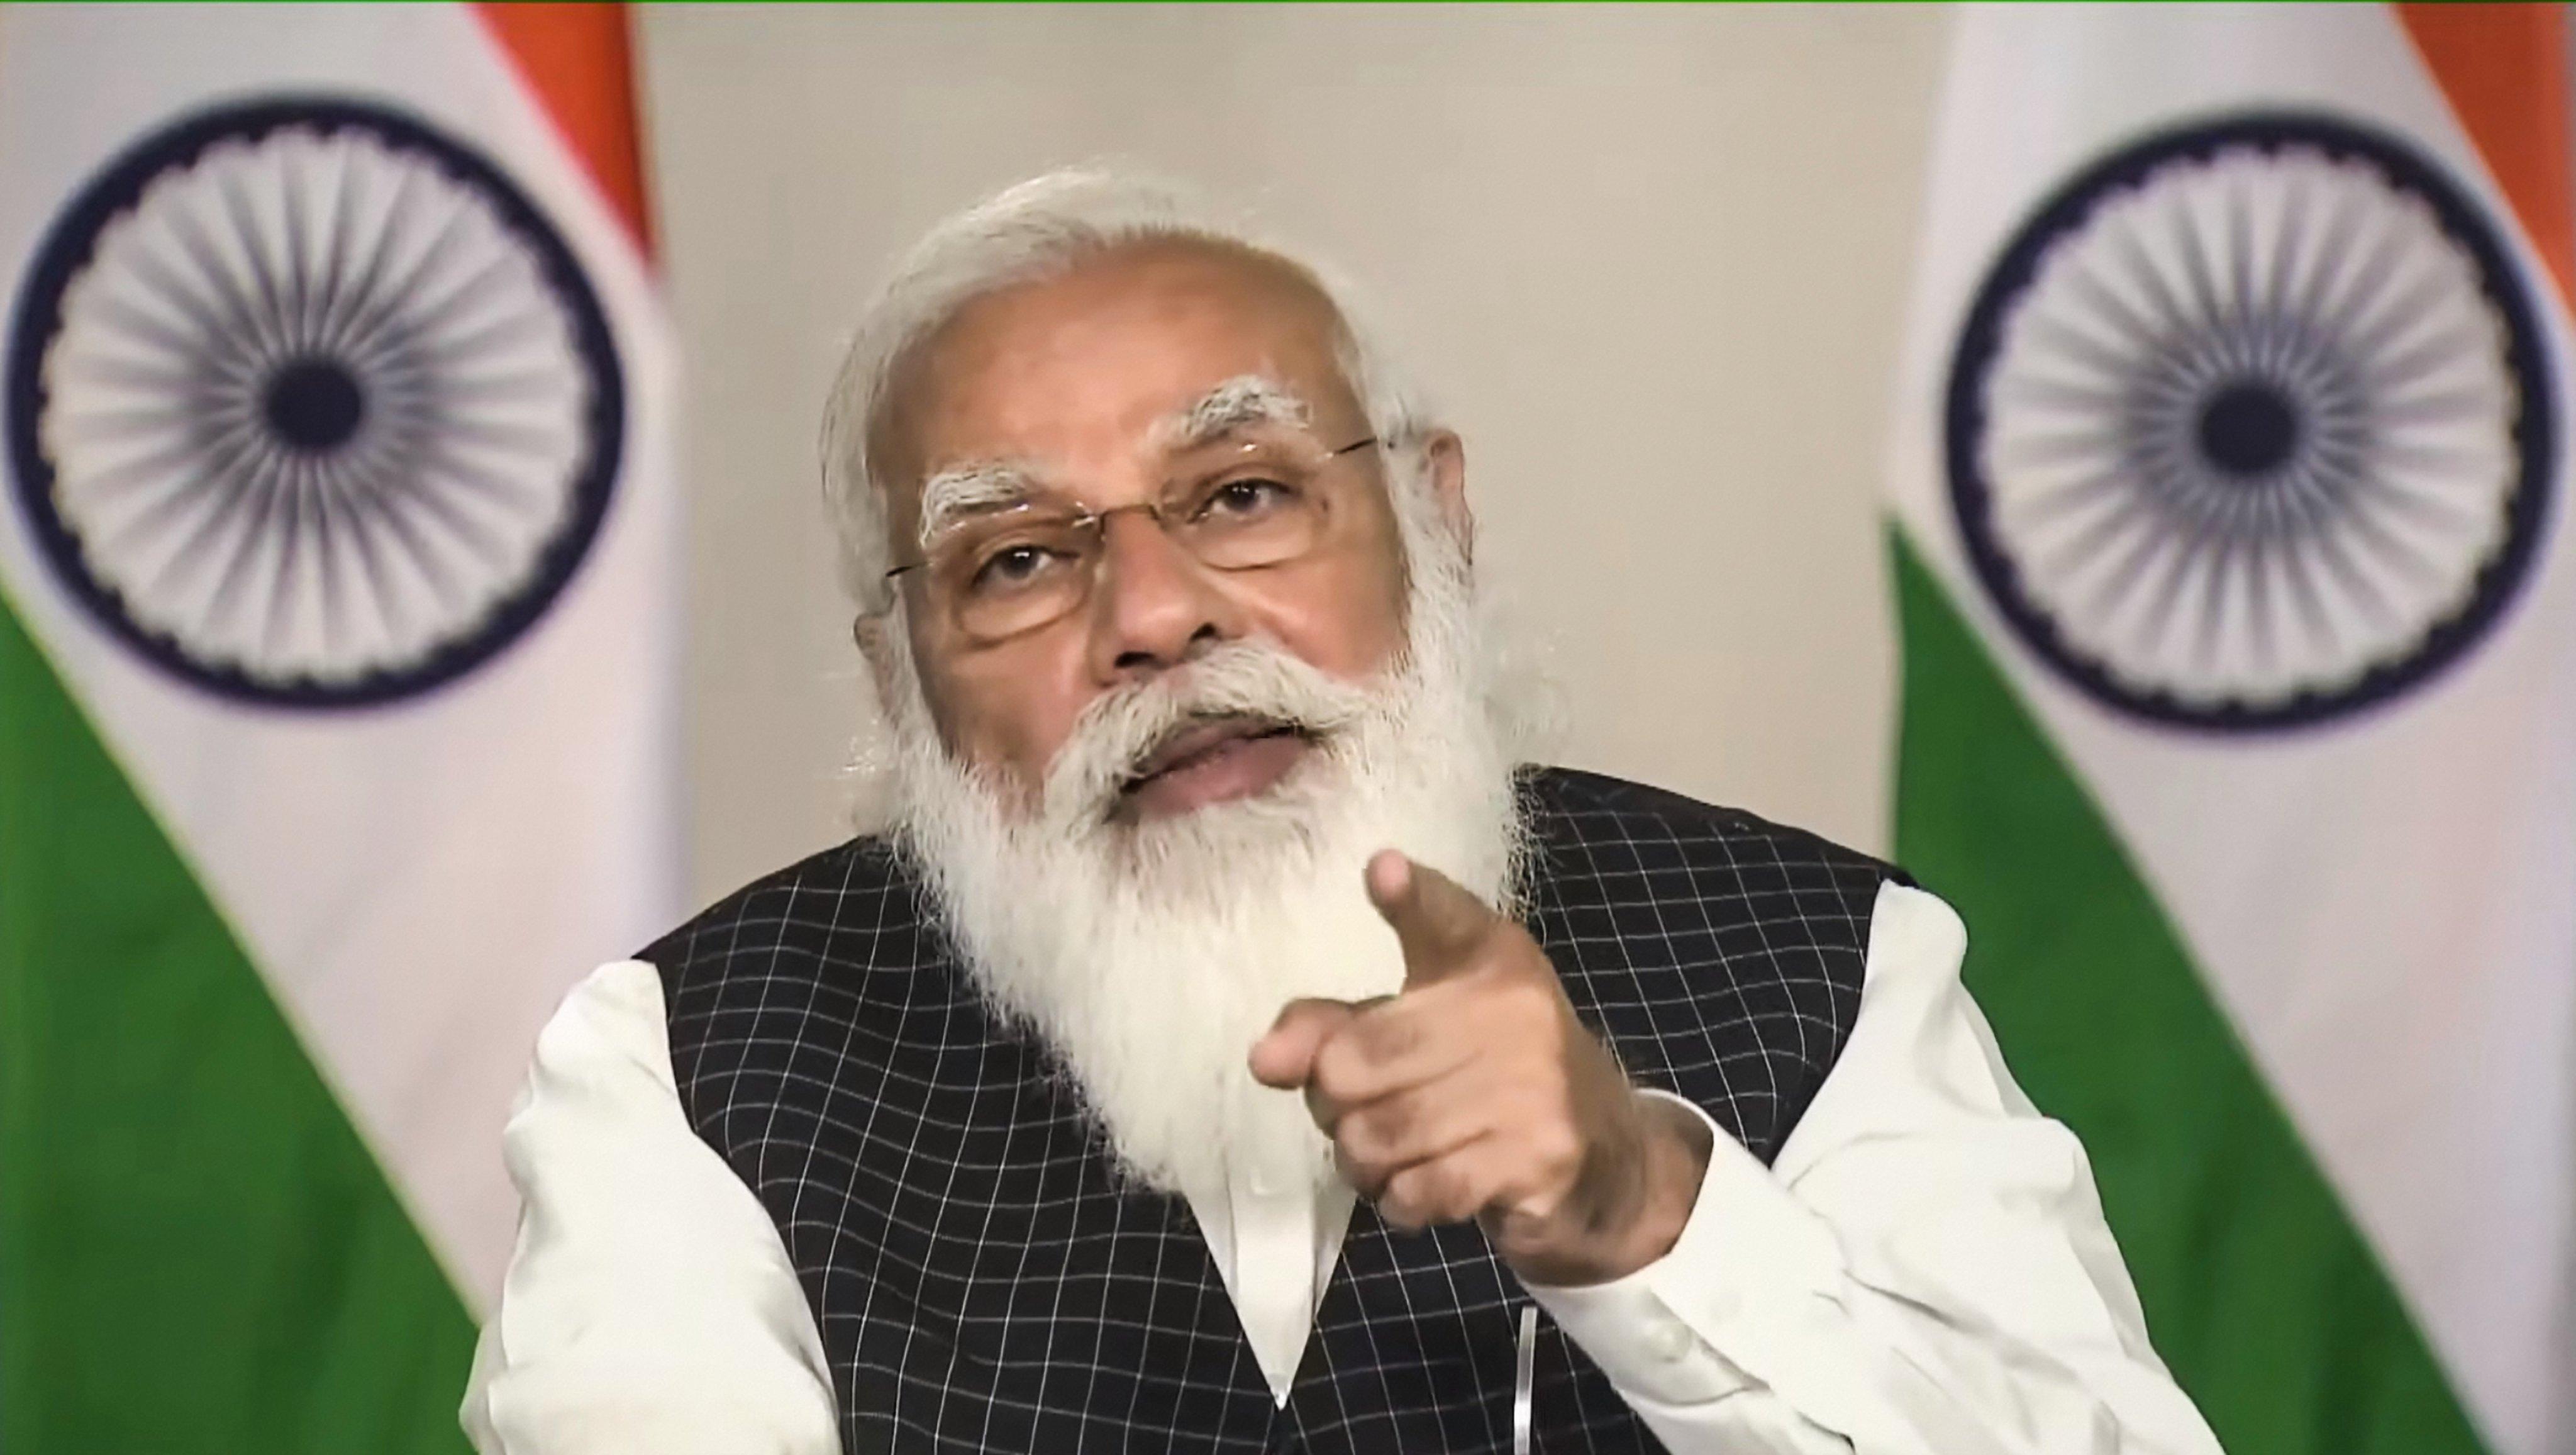 देश में ऑक्सीजन सप्लाई को लेकर PM मोदी ने की समीक्षा, 'ऑक्सीजन टैंकरों को ना रोका जाए'